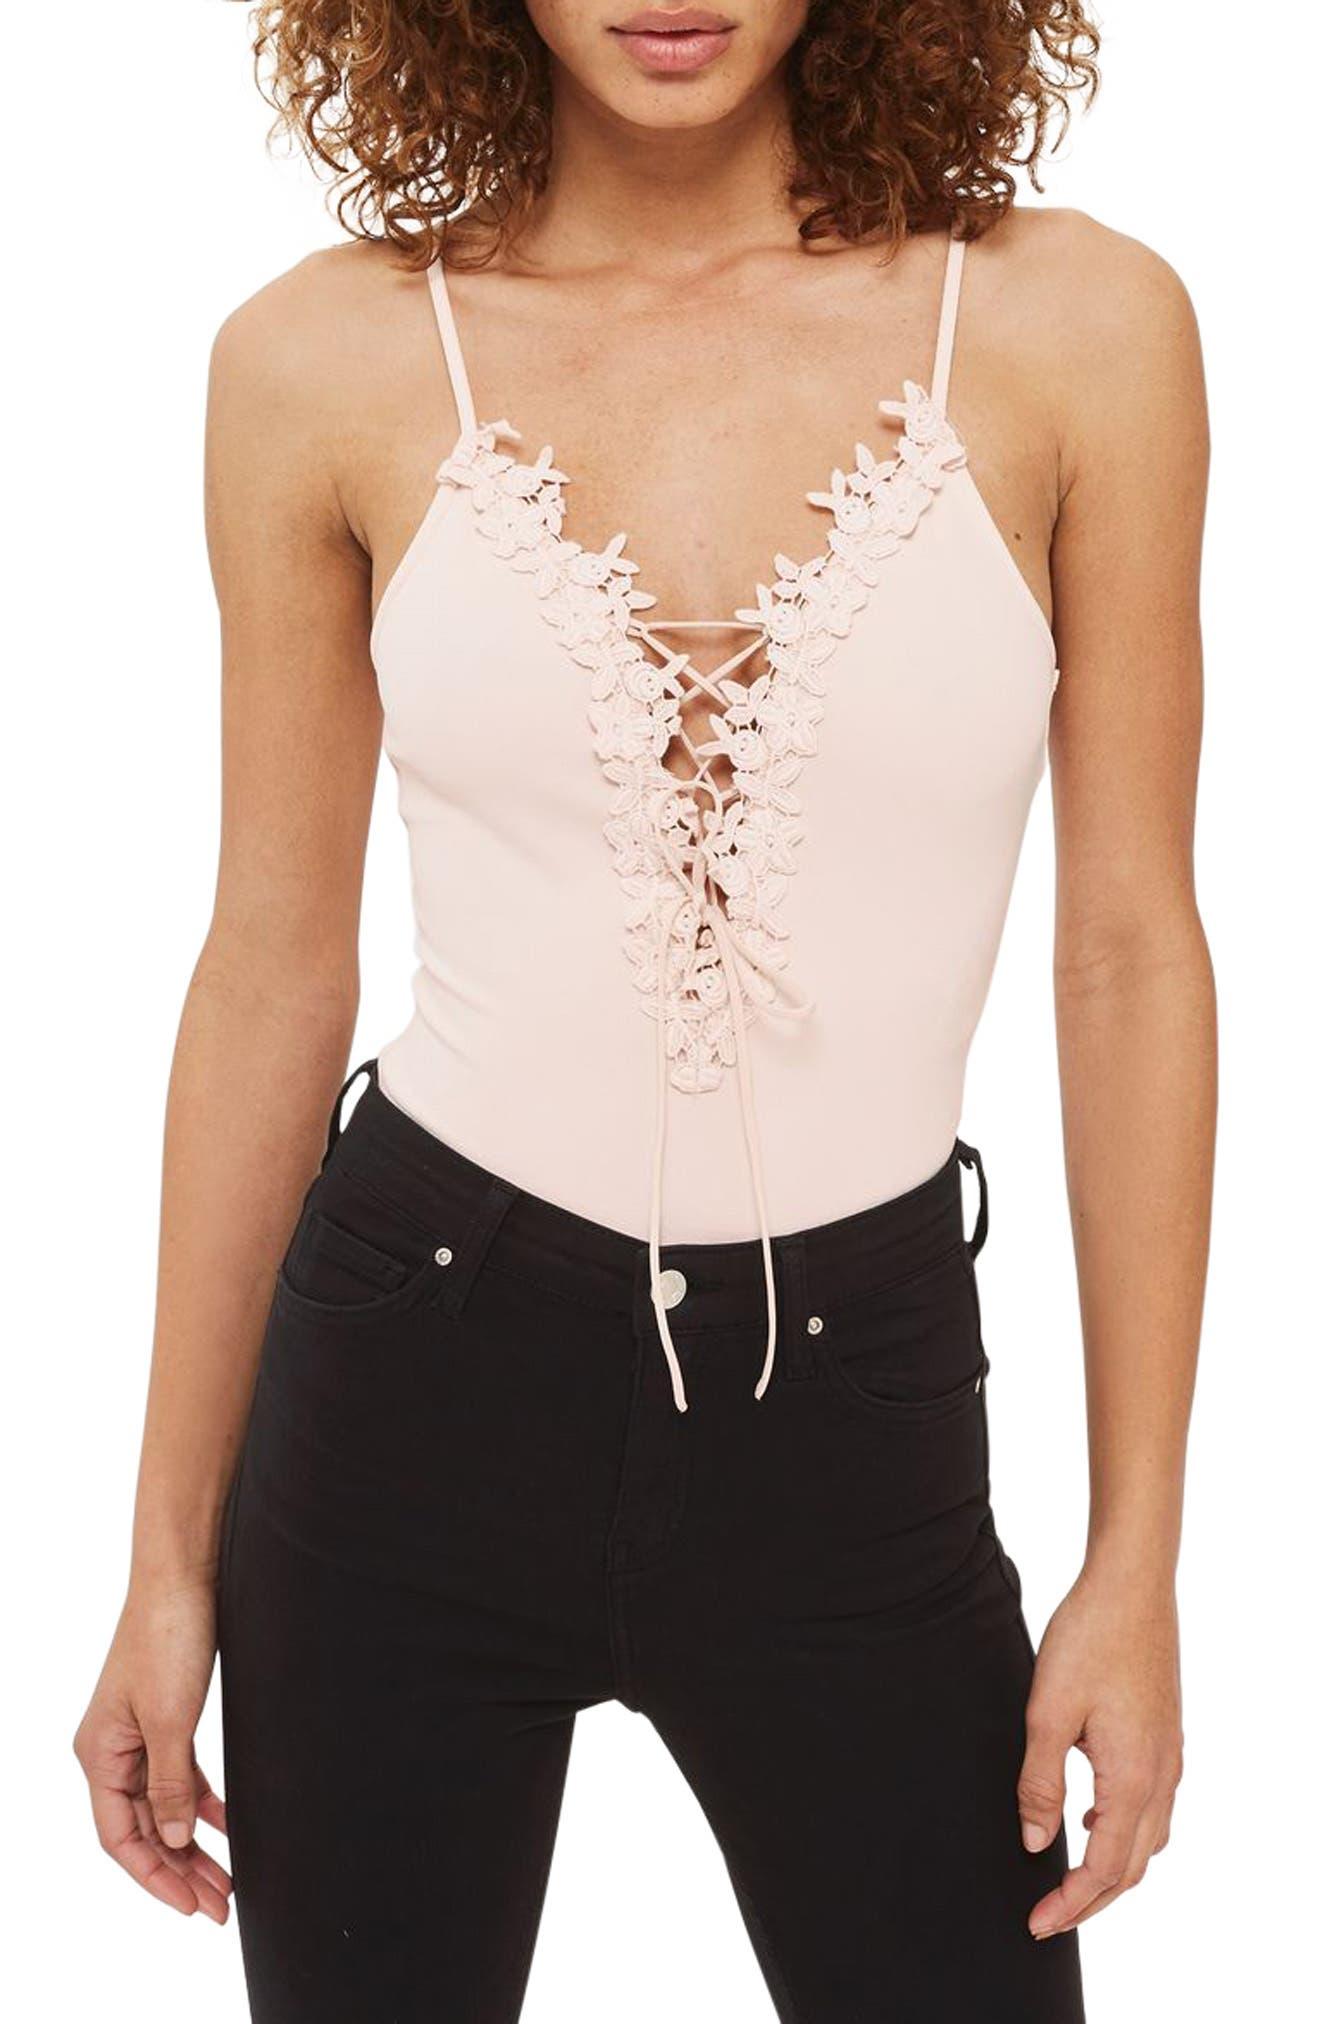 Topshop Appliqué Lace-Up Bodysuit